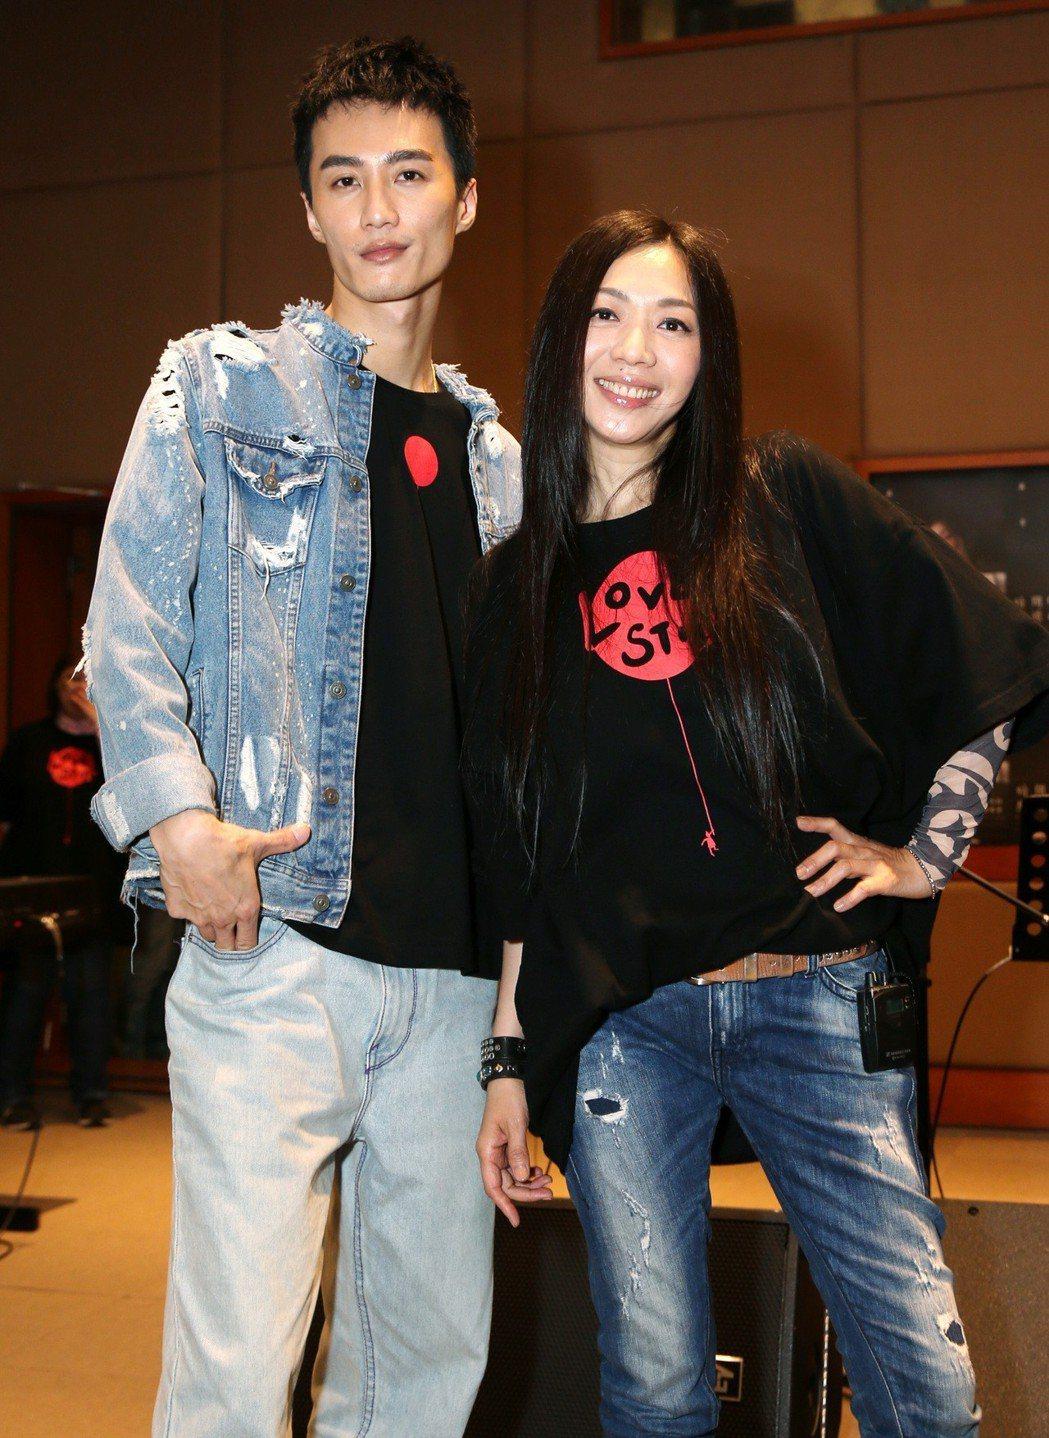 出道27年的萬芳(右)本周末首次登上小巨蛋開唱,擔任演唱會嘉賓之一的李英宏(左)...